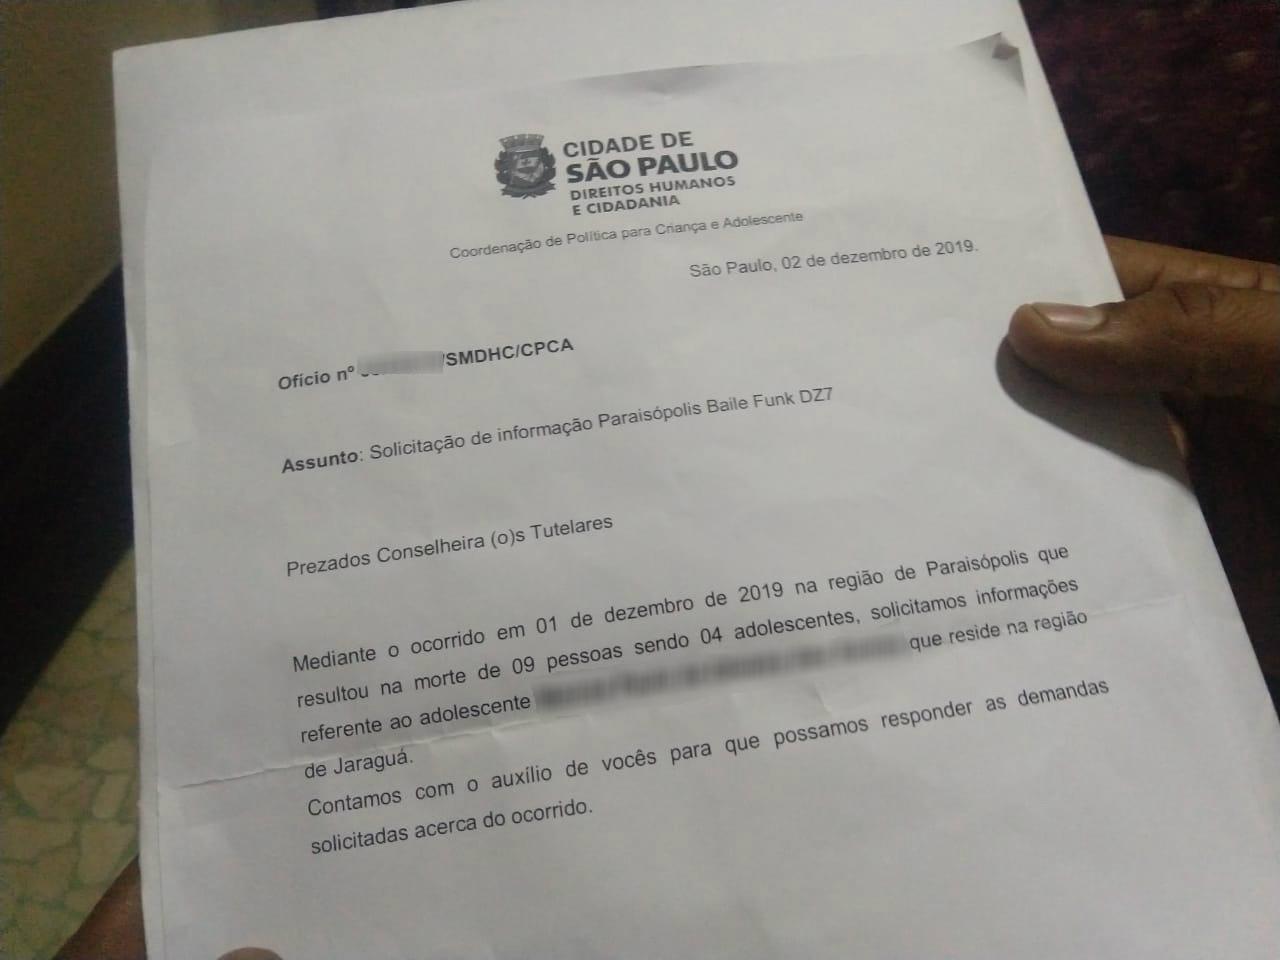 Secretaria de Direitos Humanos pediu 'ficha' de vítima do massacre de Paraisópolis